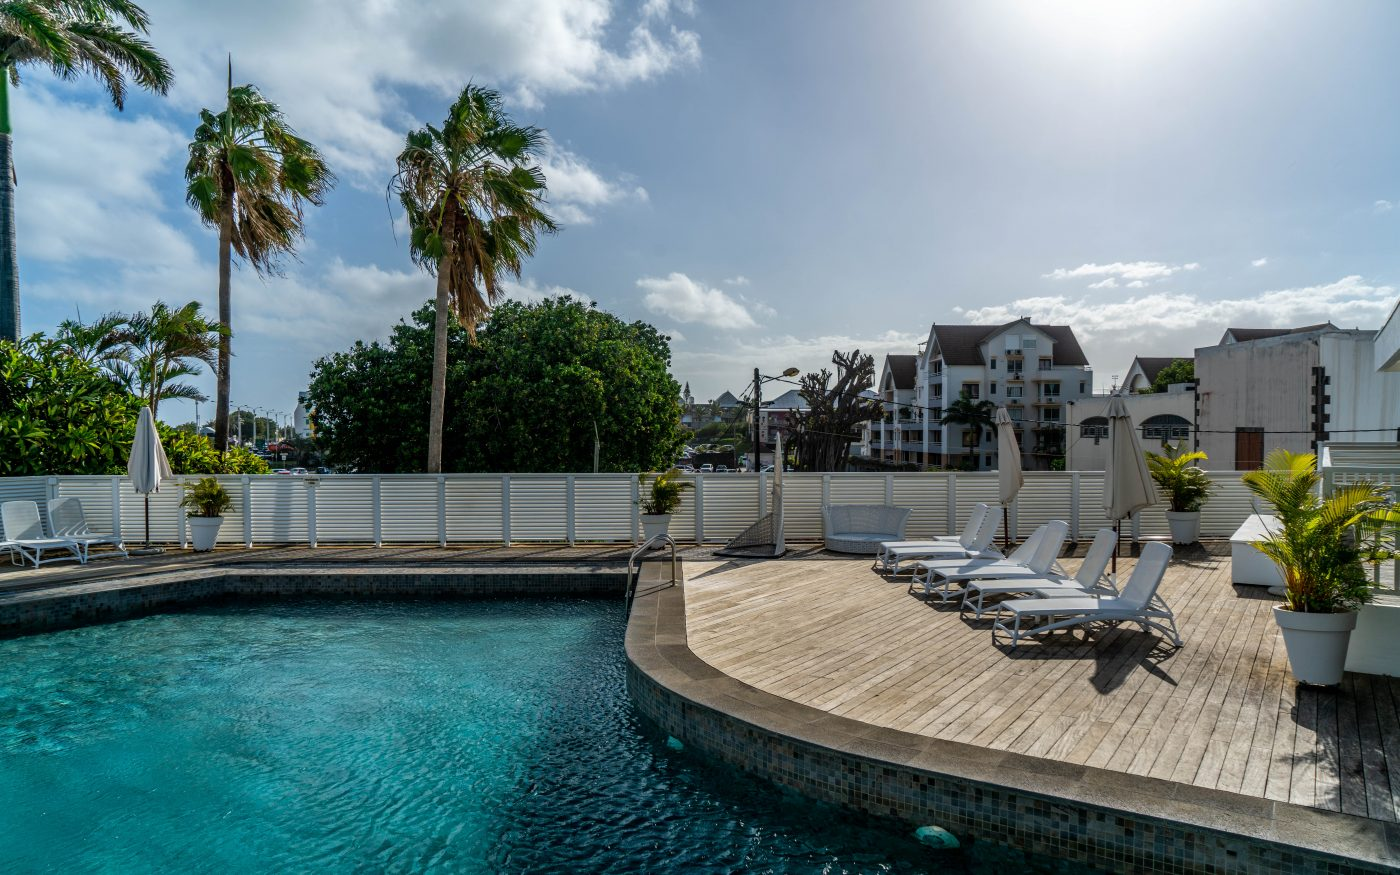 Villa Delisle Hotel & Spa: post-colonial charm in the heart of Saint-Pierre, La Réunion 6